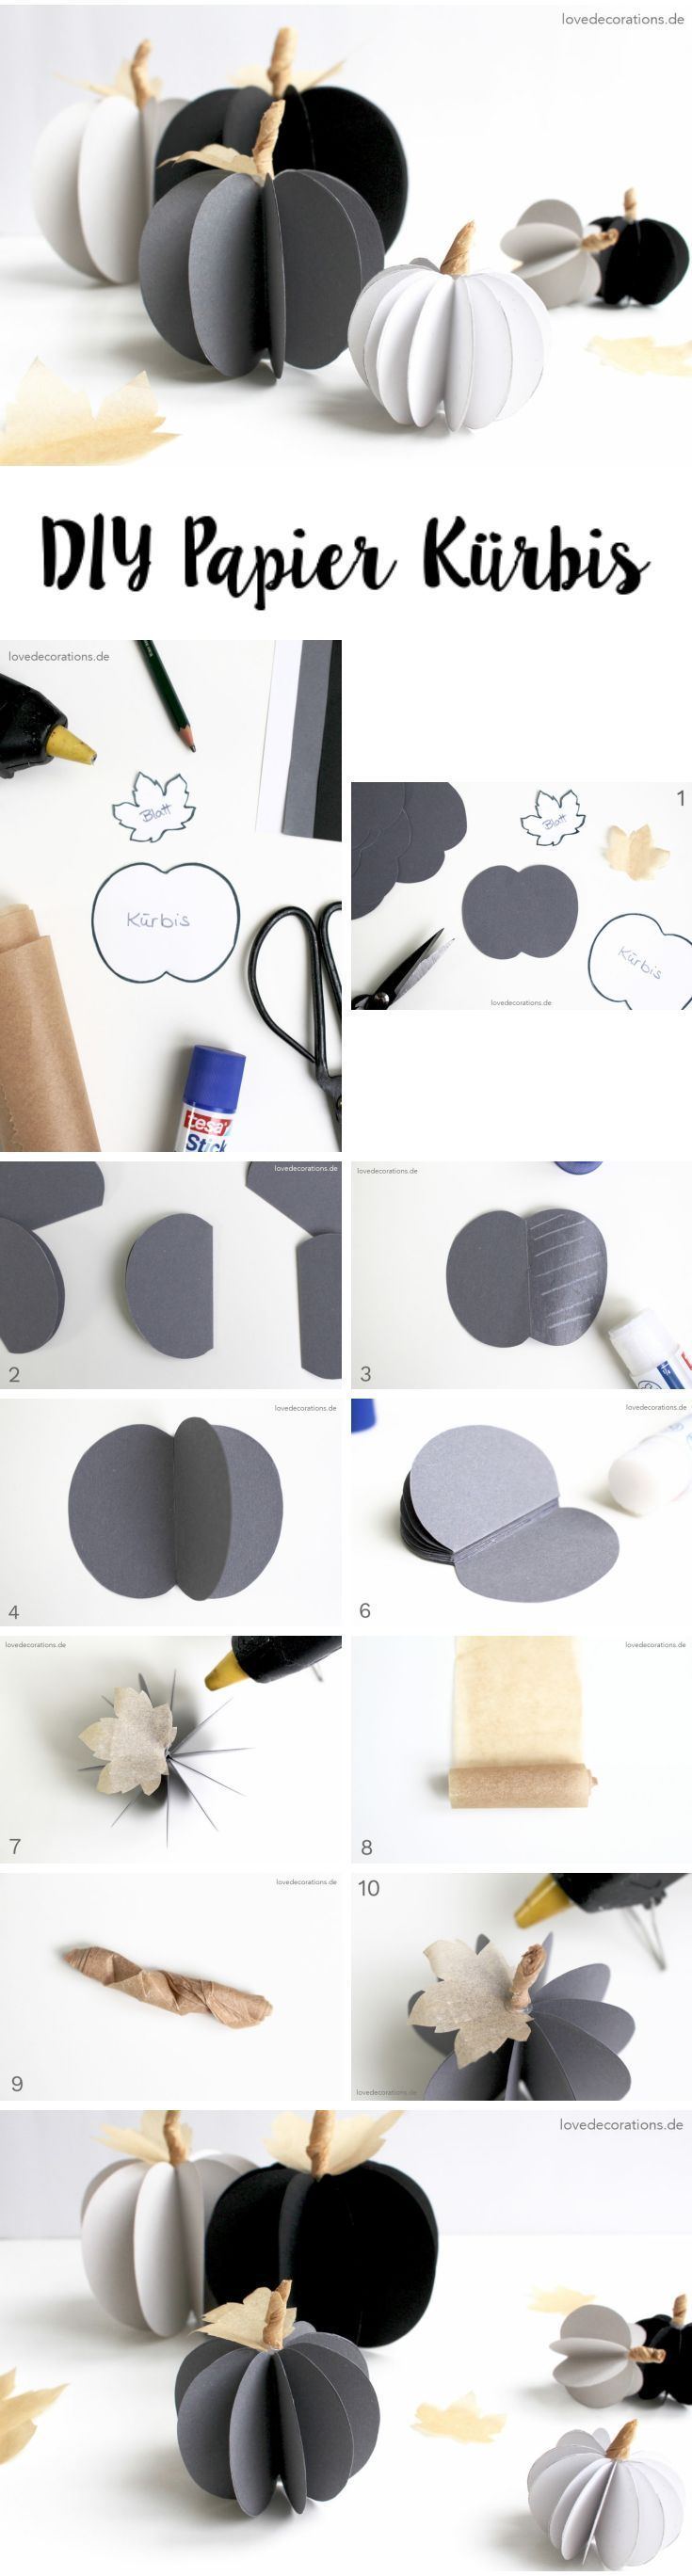 DIY Papier Kürbis und meine Beichte – Love Decorations